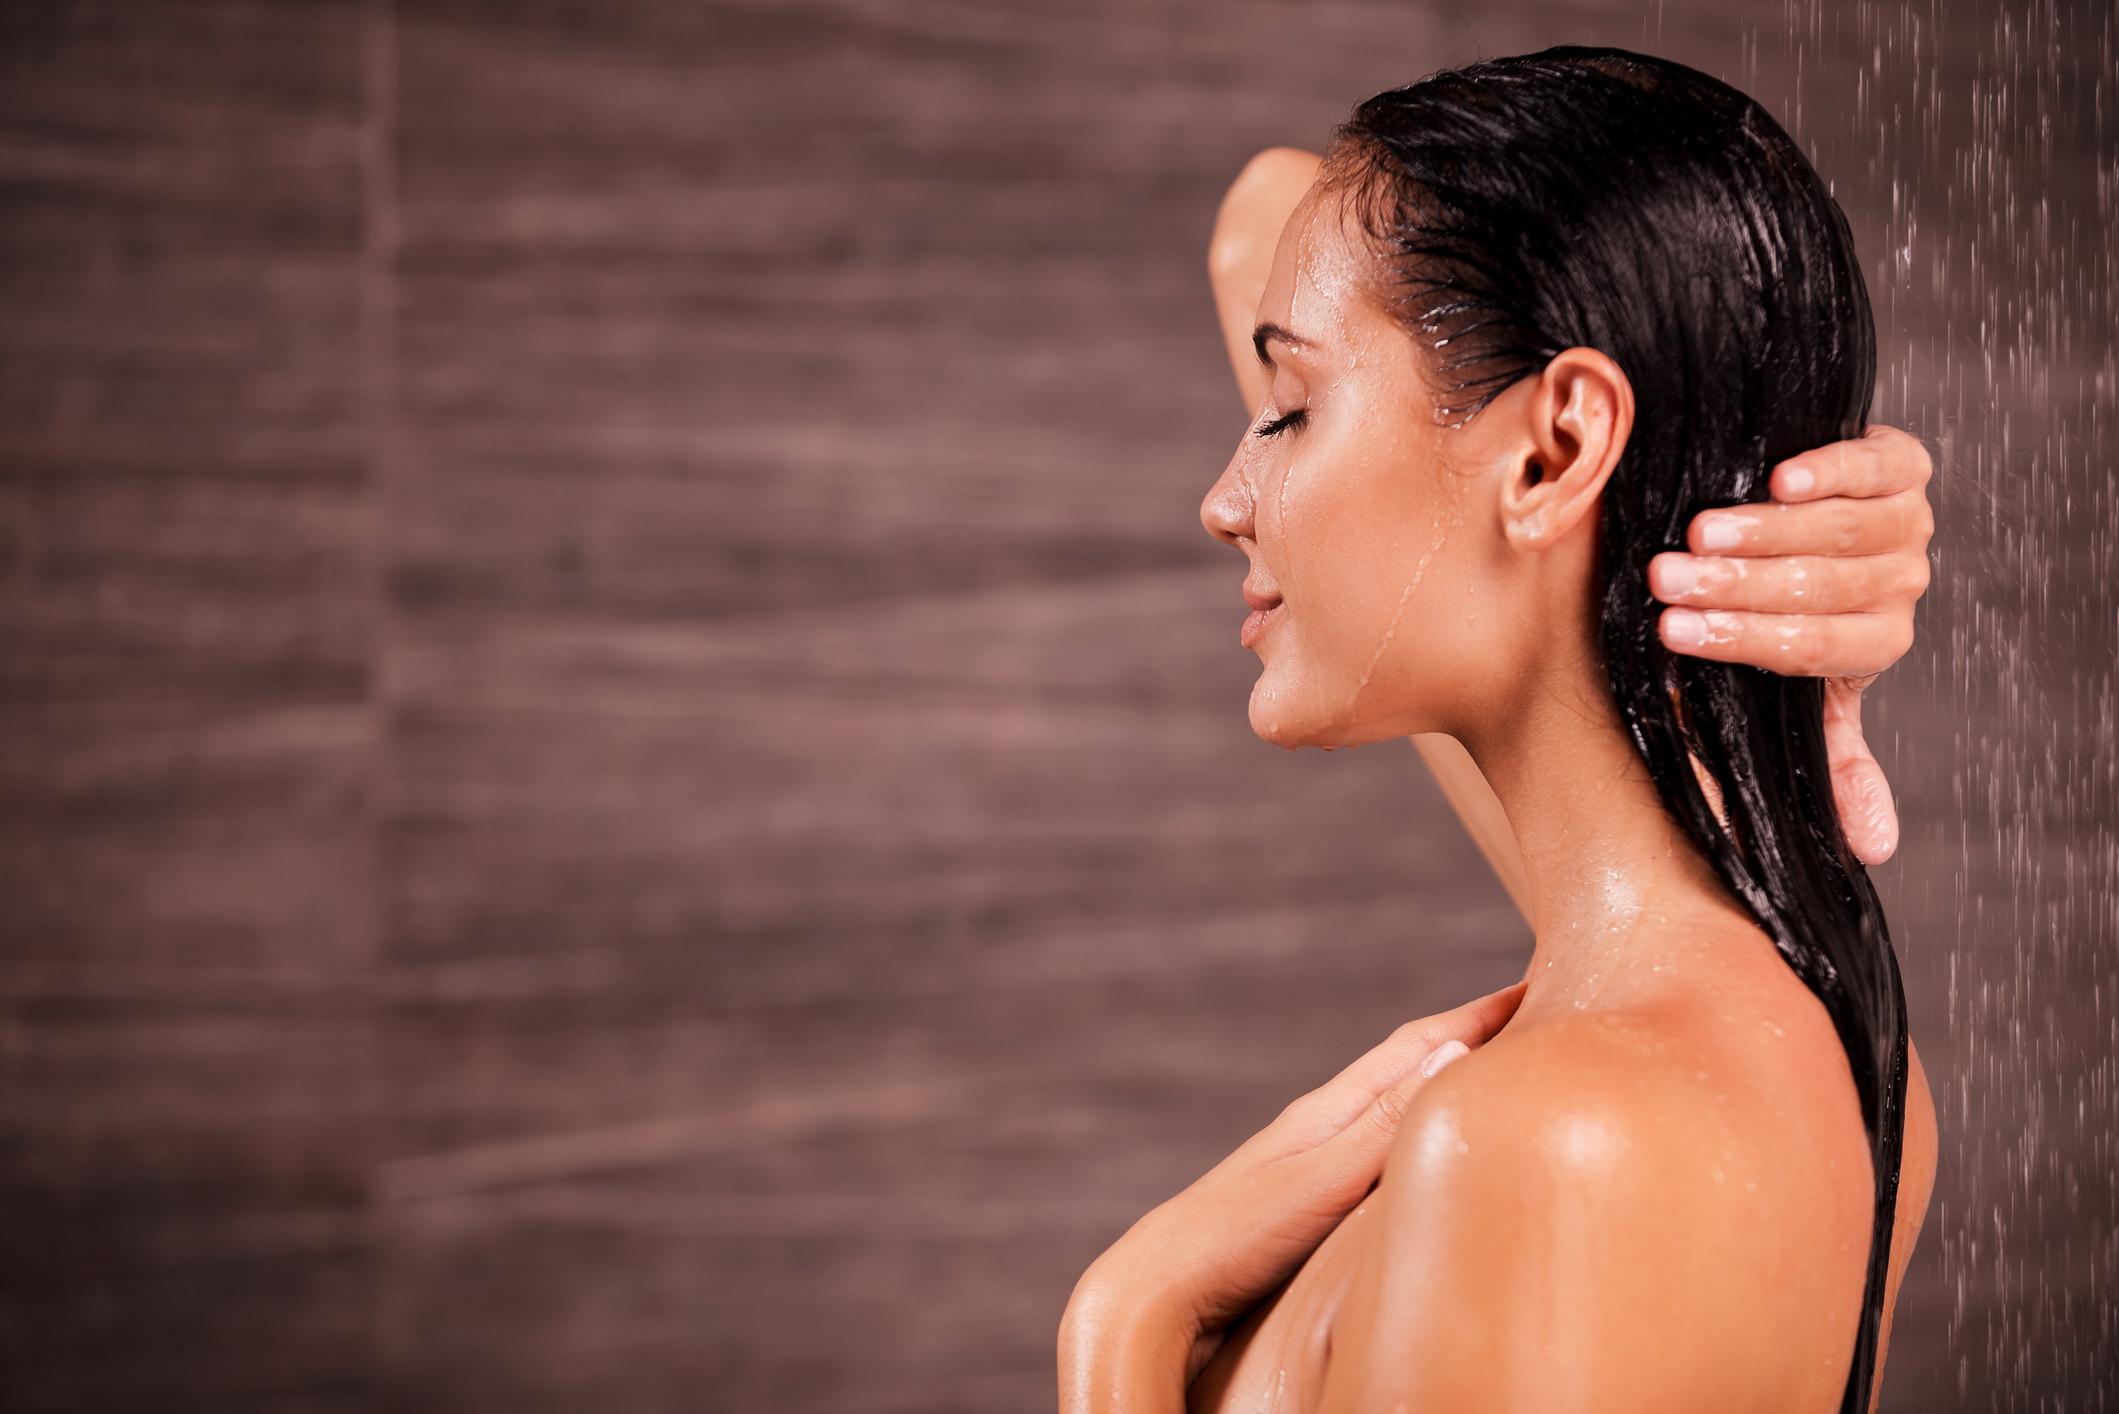 como lavar o cabelo corretamente